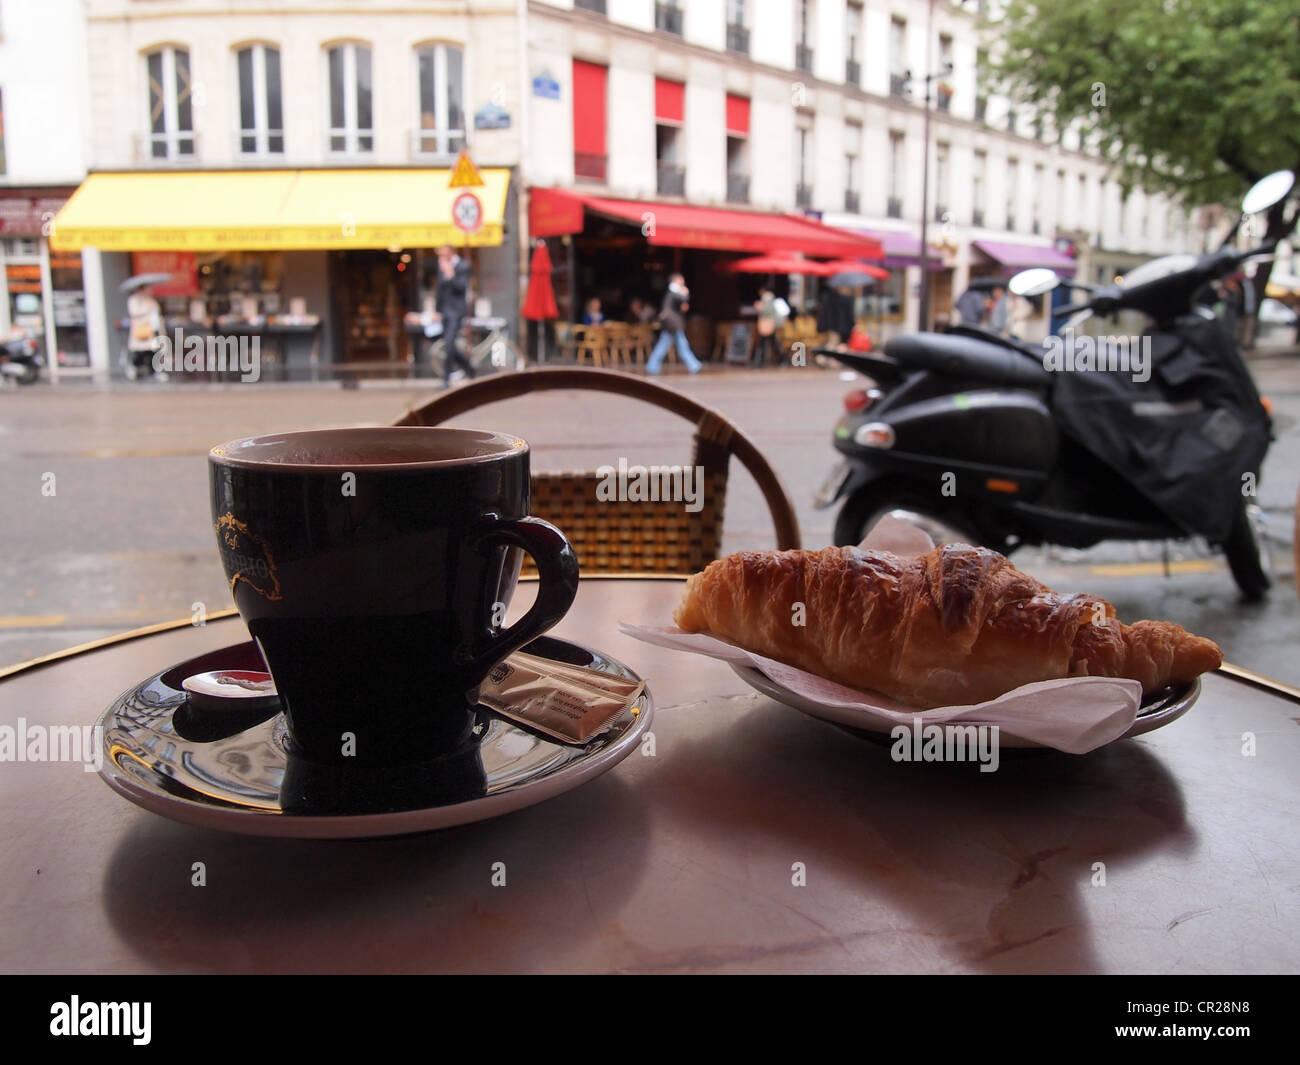 Petit Déjeuner Paris Cafe Stock Photos Petit Déjeuner Paris Cafe - Paris cafe table